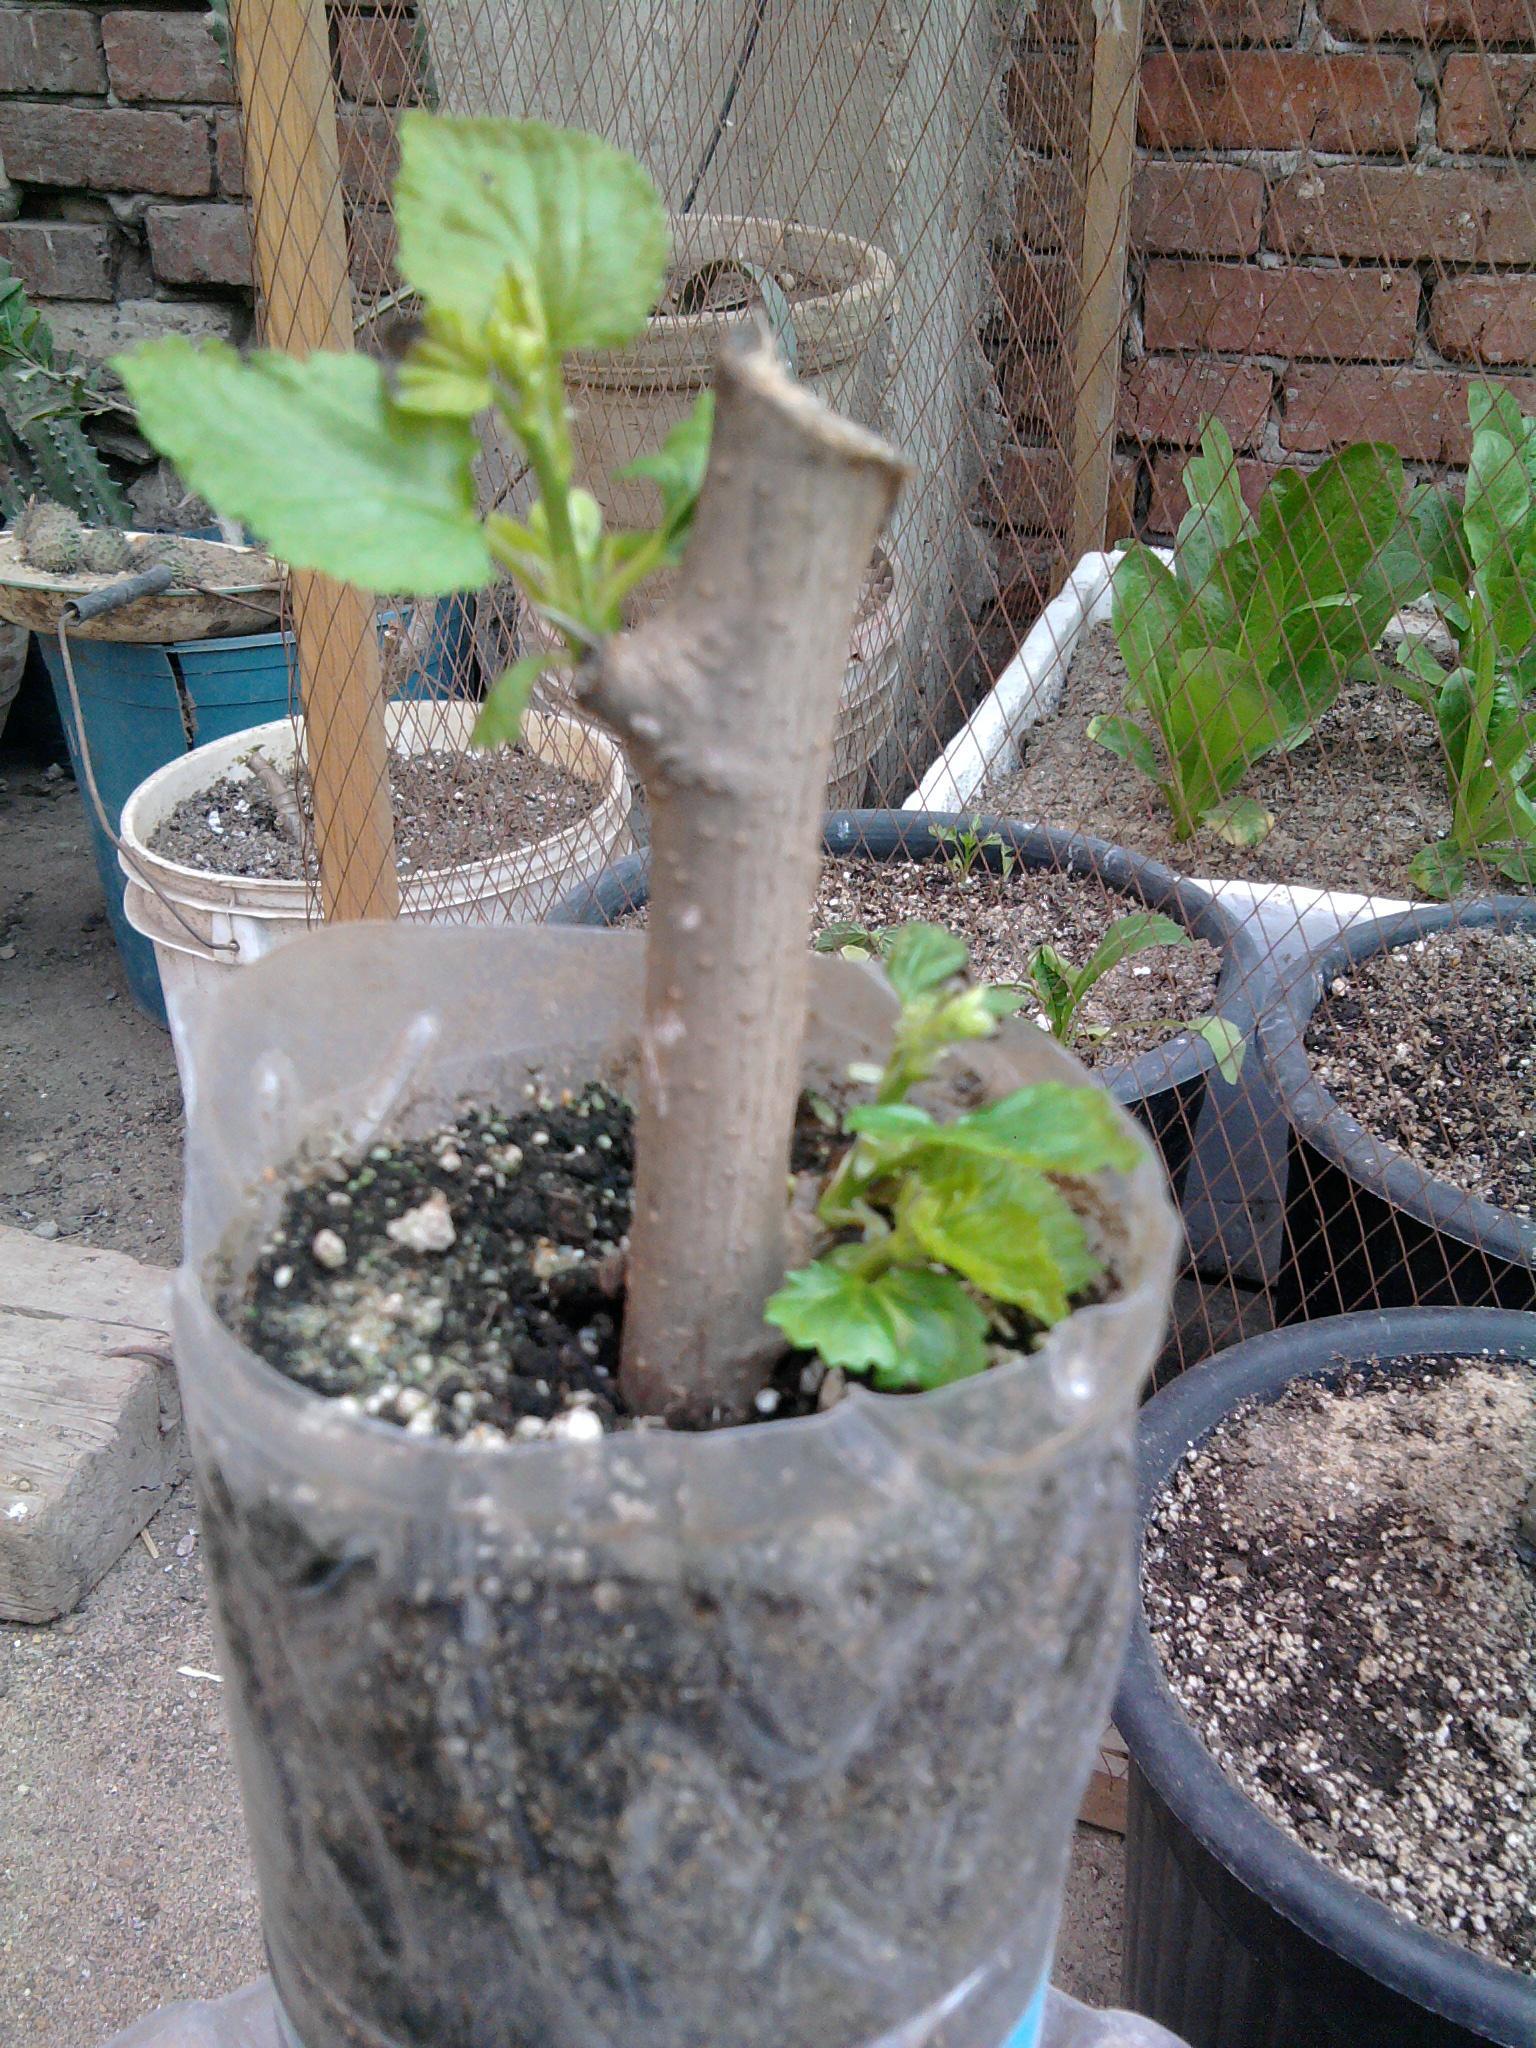 زراعة التوت والجهنمية والفيكس نيتدا 583922584.jpg